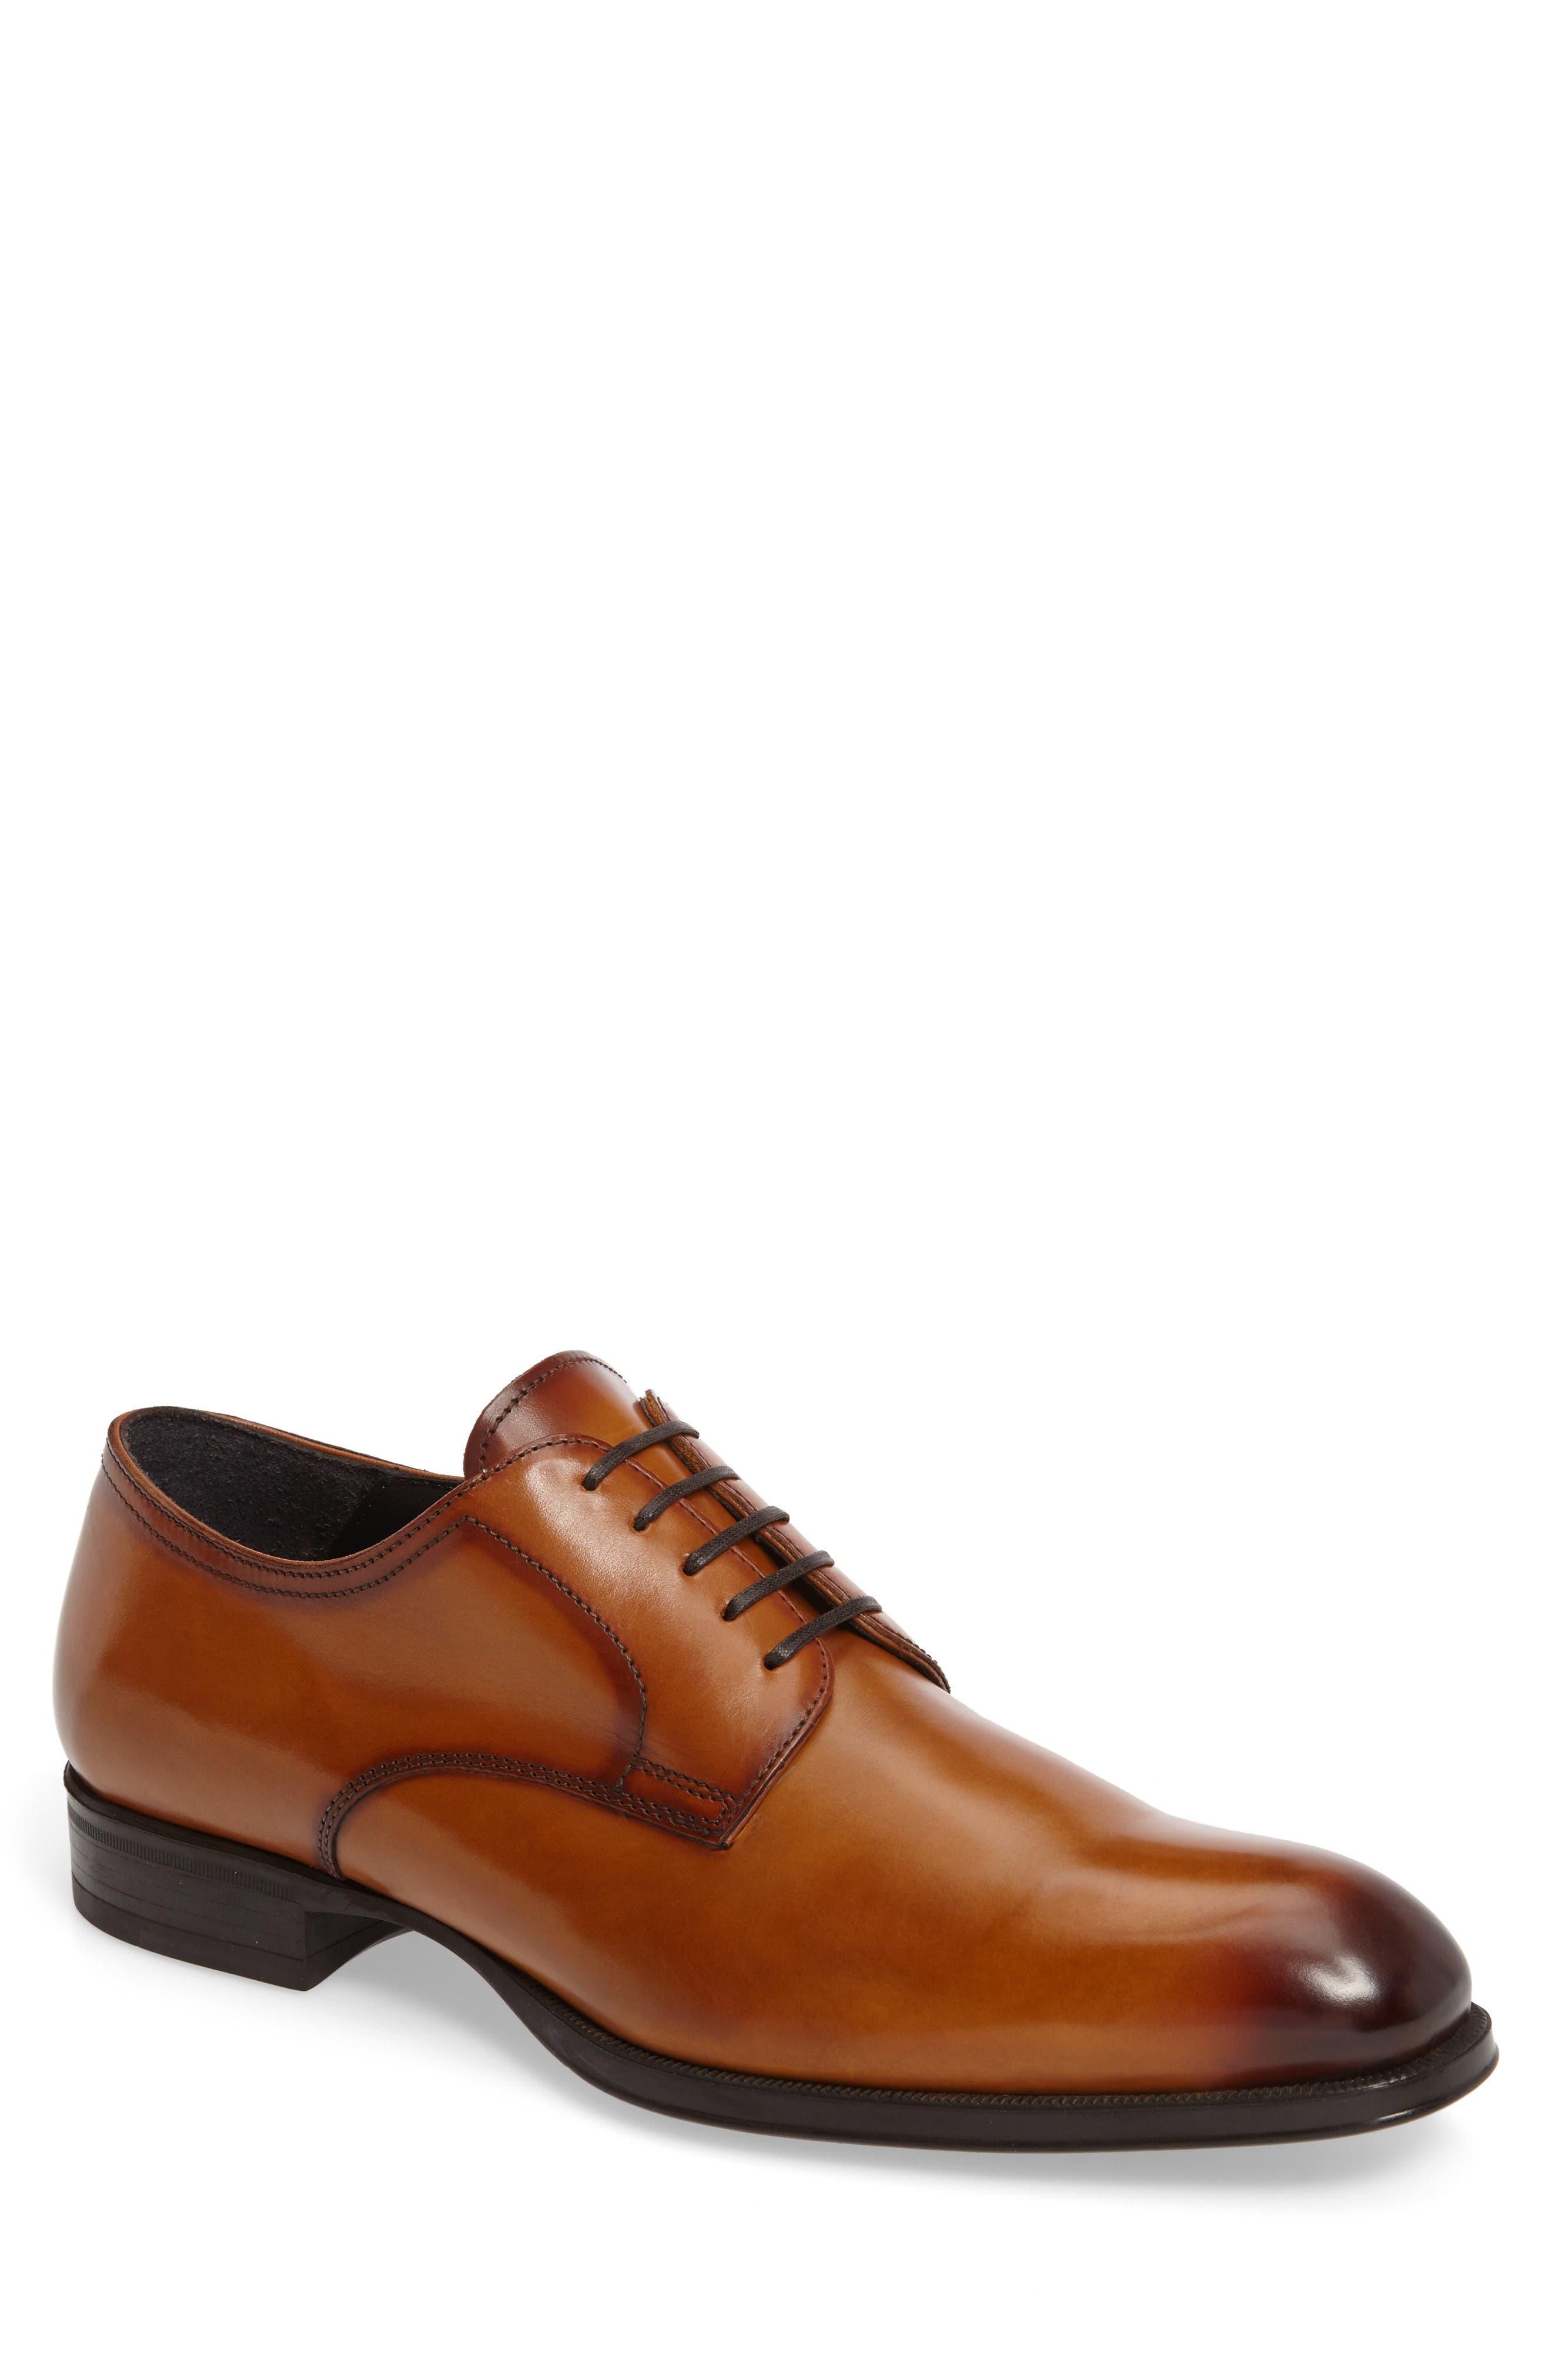 To Boot New York Calhern Plain-Toe Oxford (Men)